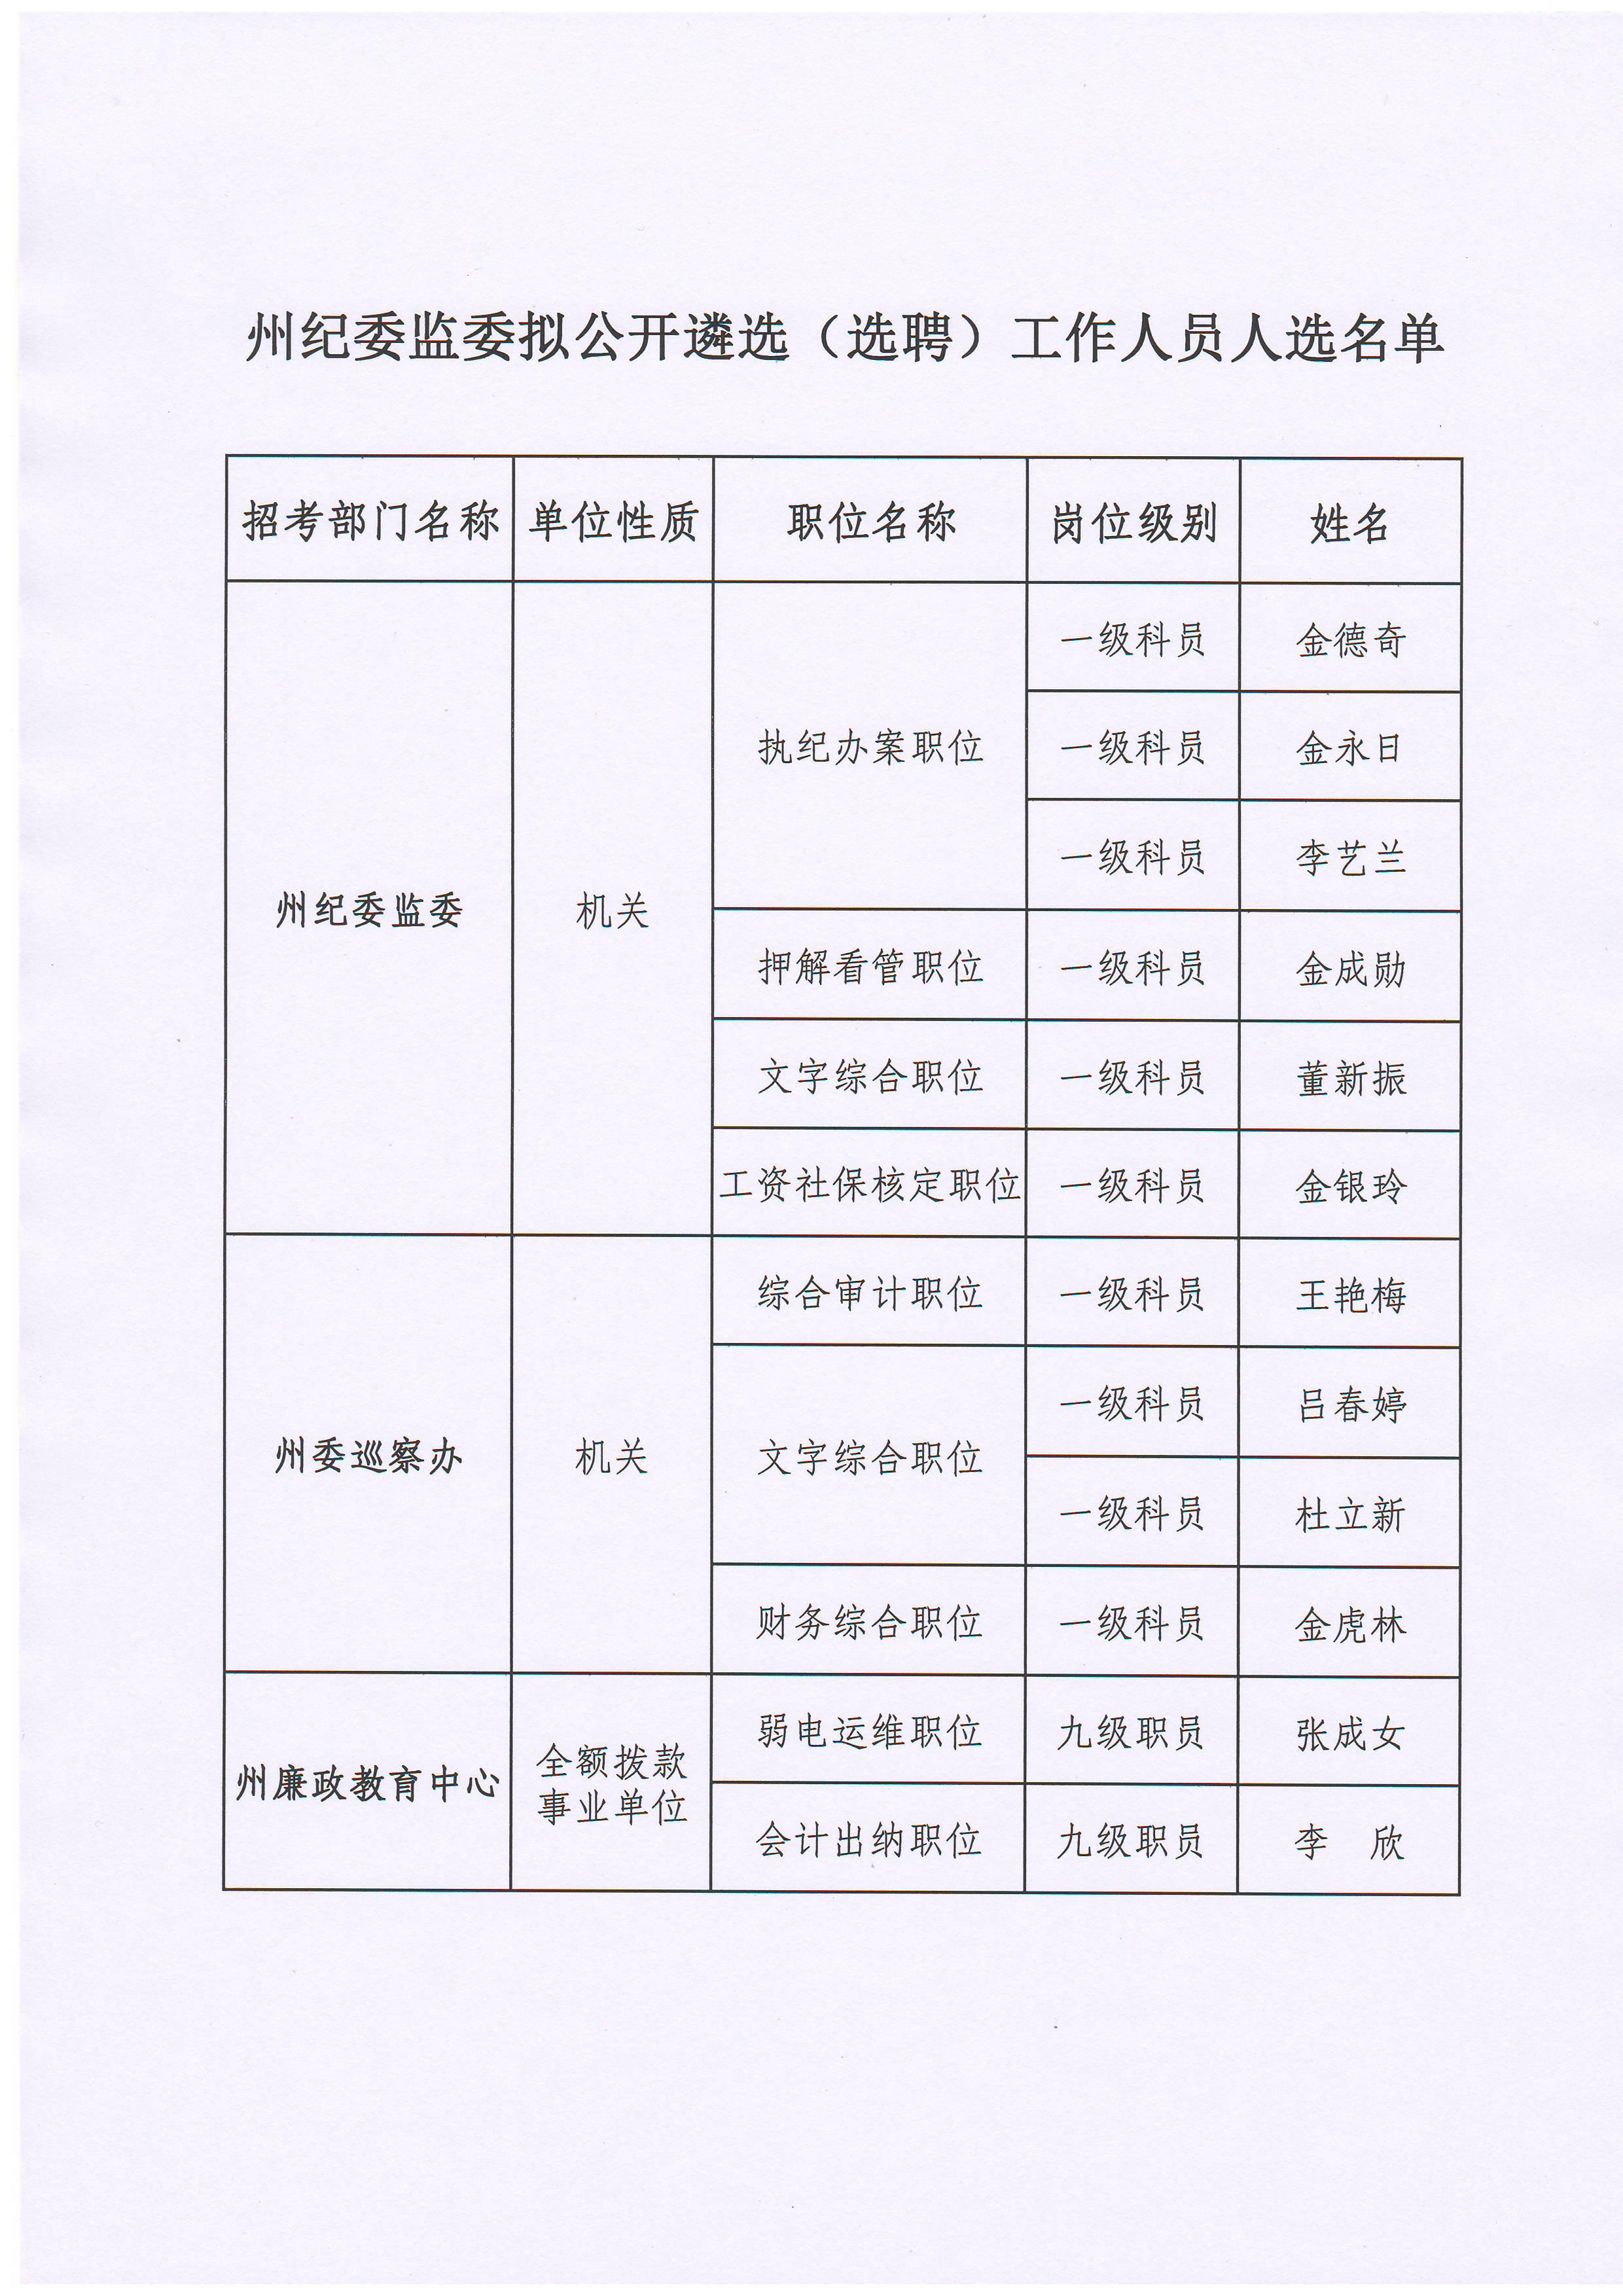 州纪委监委拟公开遴选(选聘)工作人员人选名单.JPG